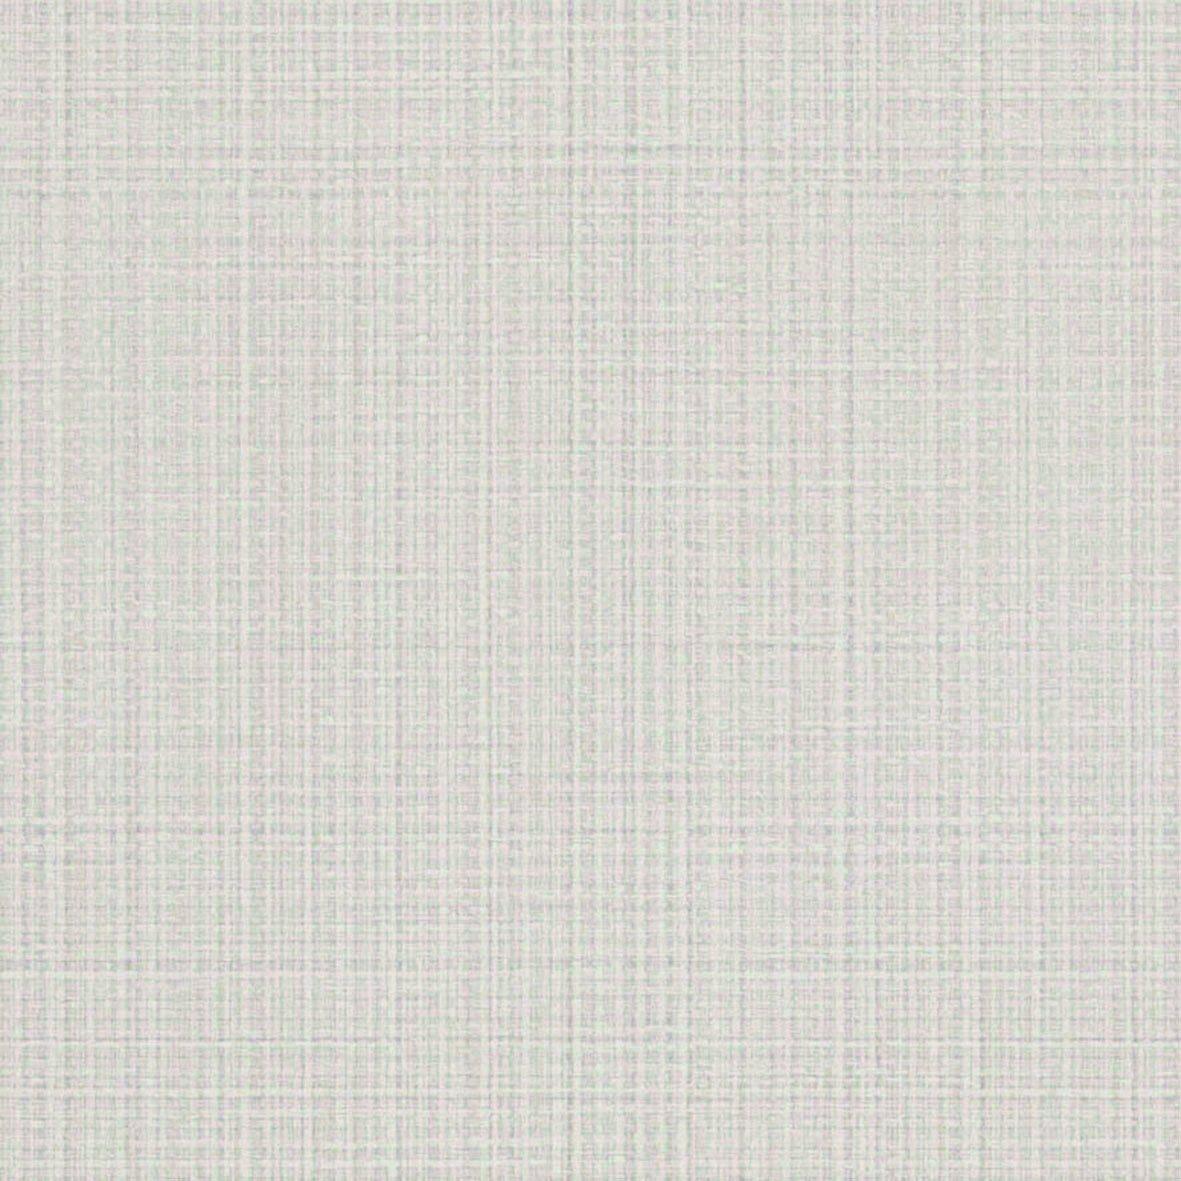 リリカラ 壁紙32m ナチュラル 織物調 グレー LL-8764 B01MTKCPL5 32m|グレー1